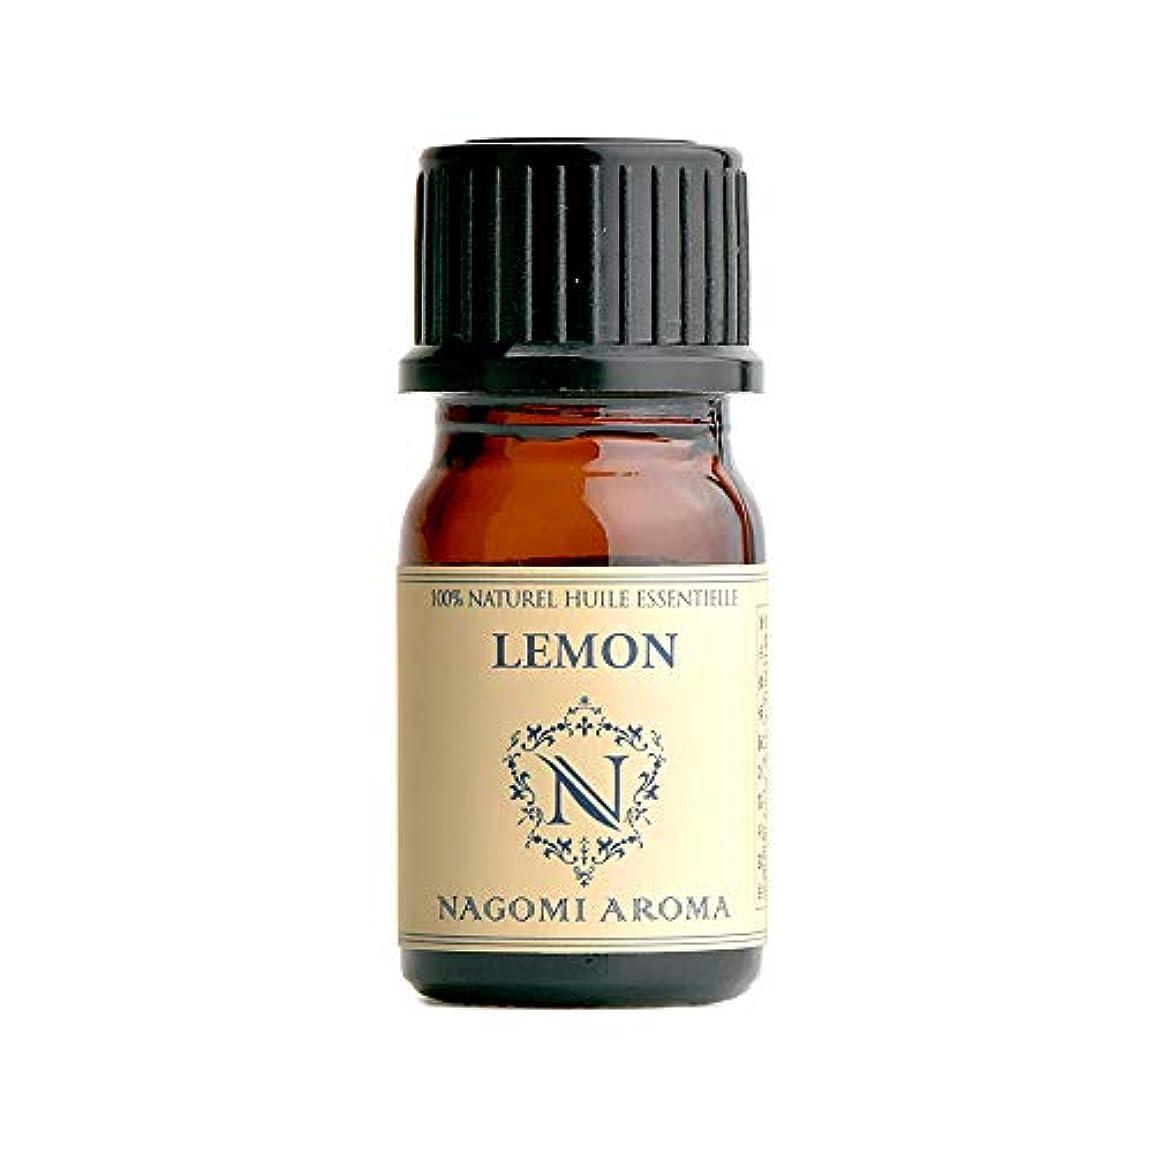 外国人フランクワースリー因子【AEAJ認定表示基準認定精油】NAGOMI PURE レモン 5ml 【エッセンシャルオイル】【精油】【アロマオイル】